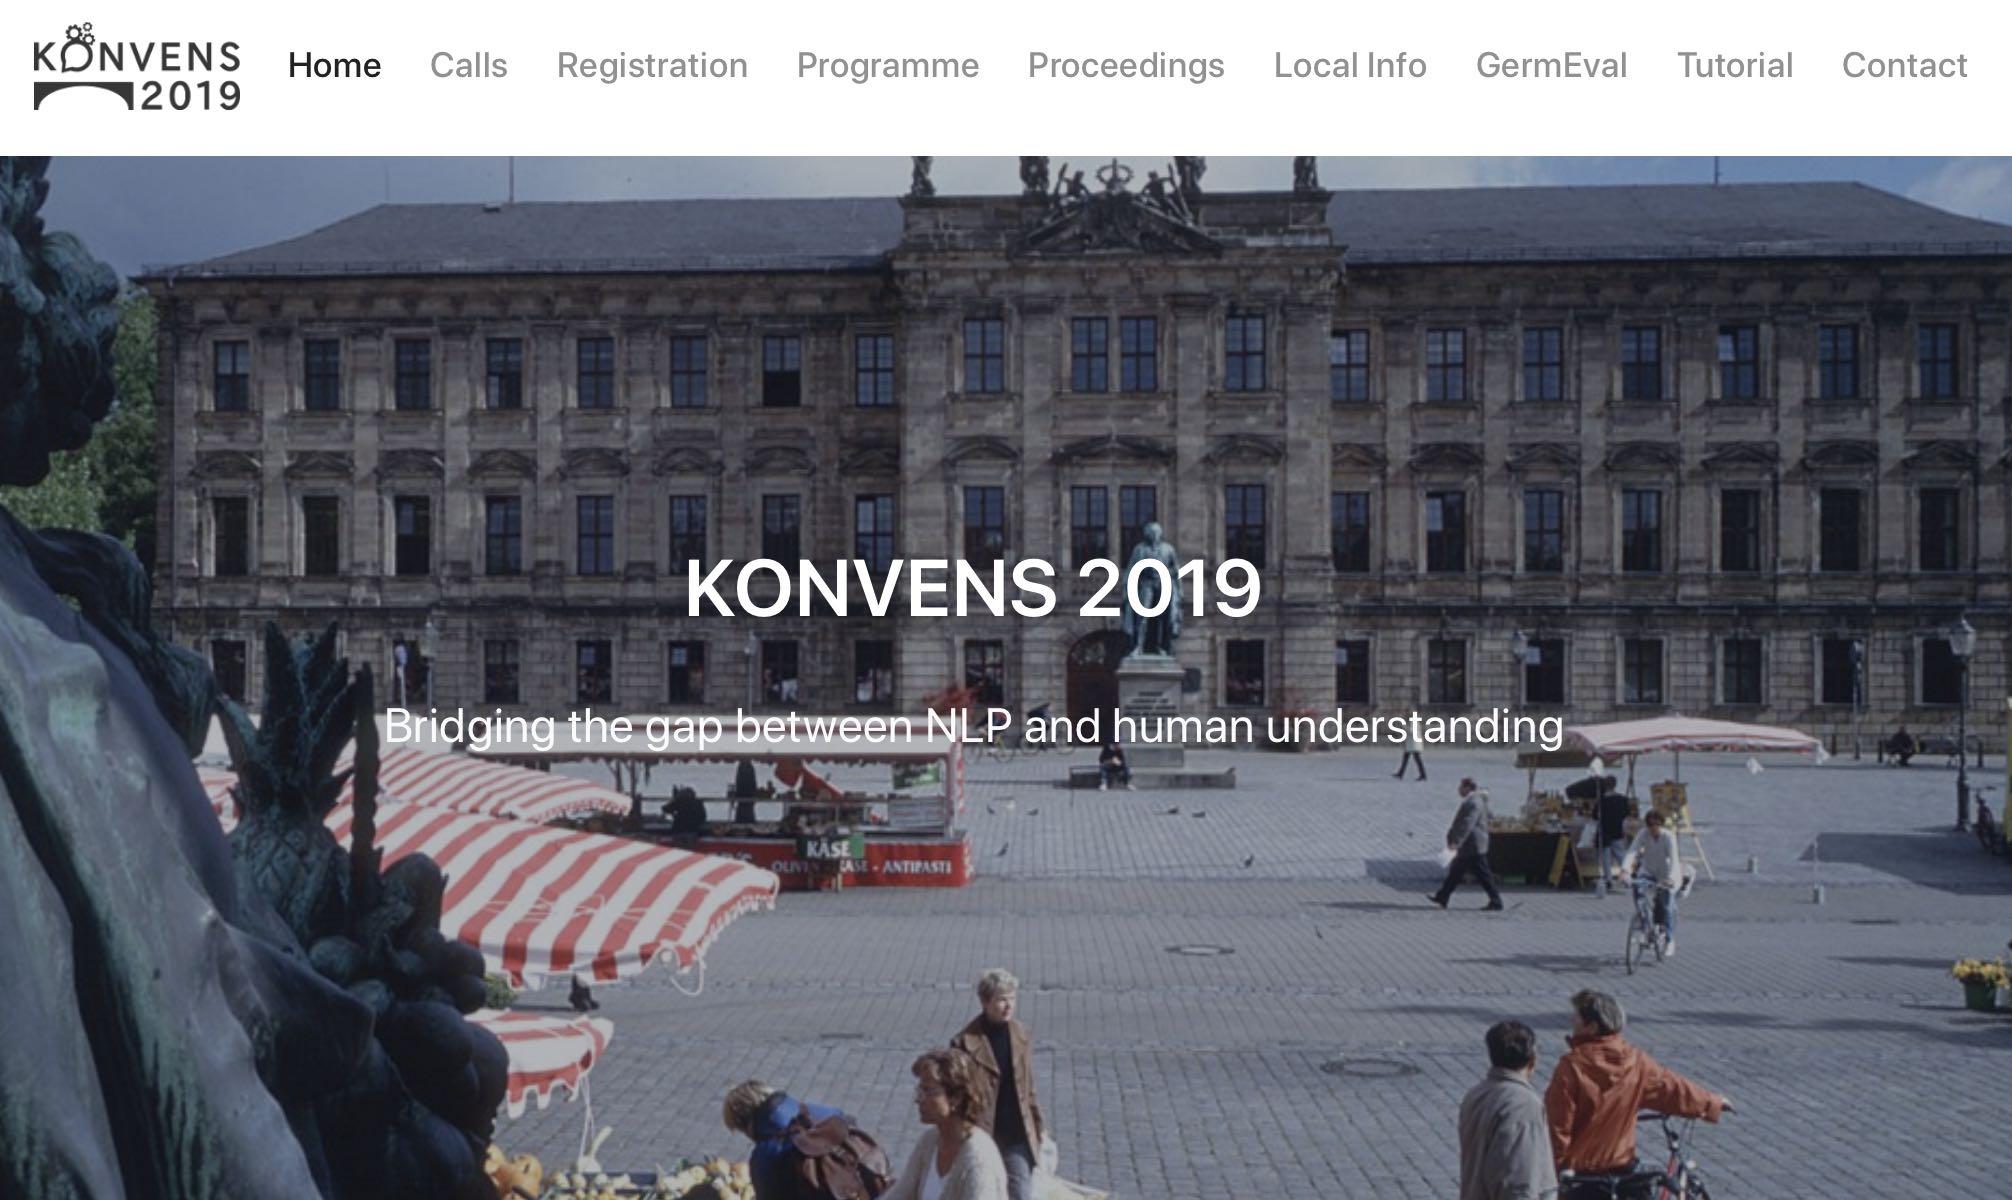 GermEval at KONVENS 2019